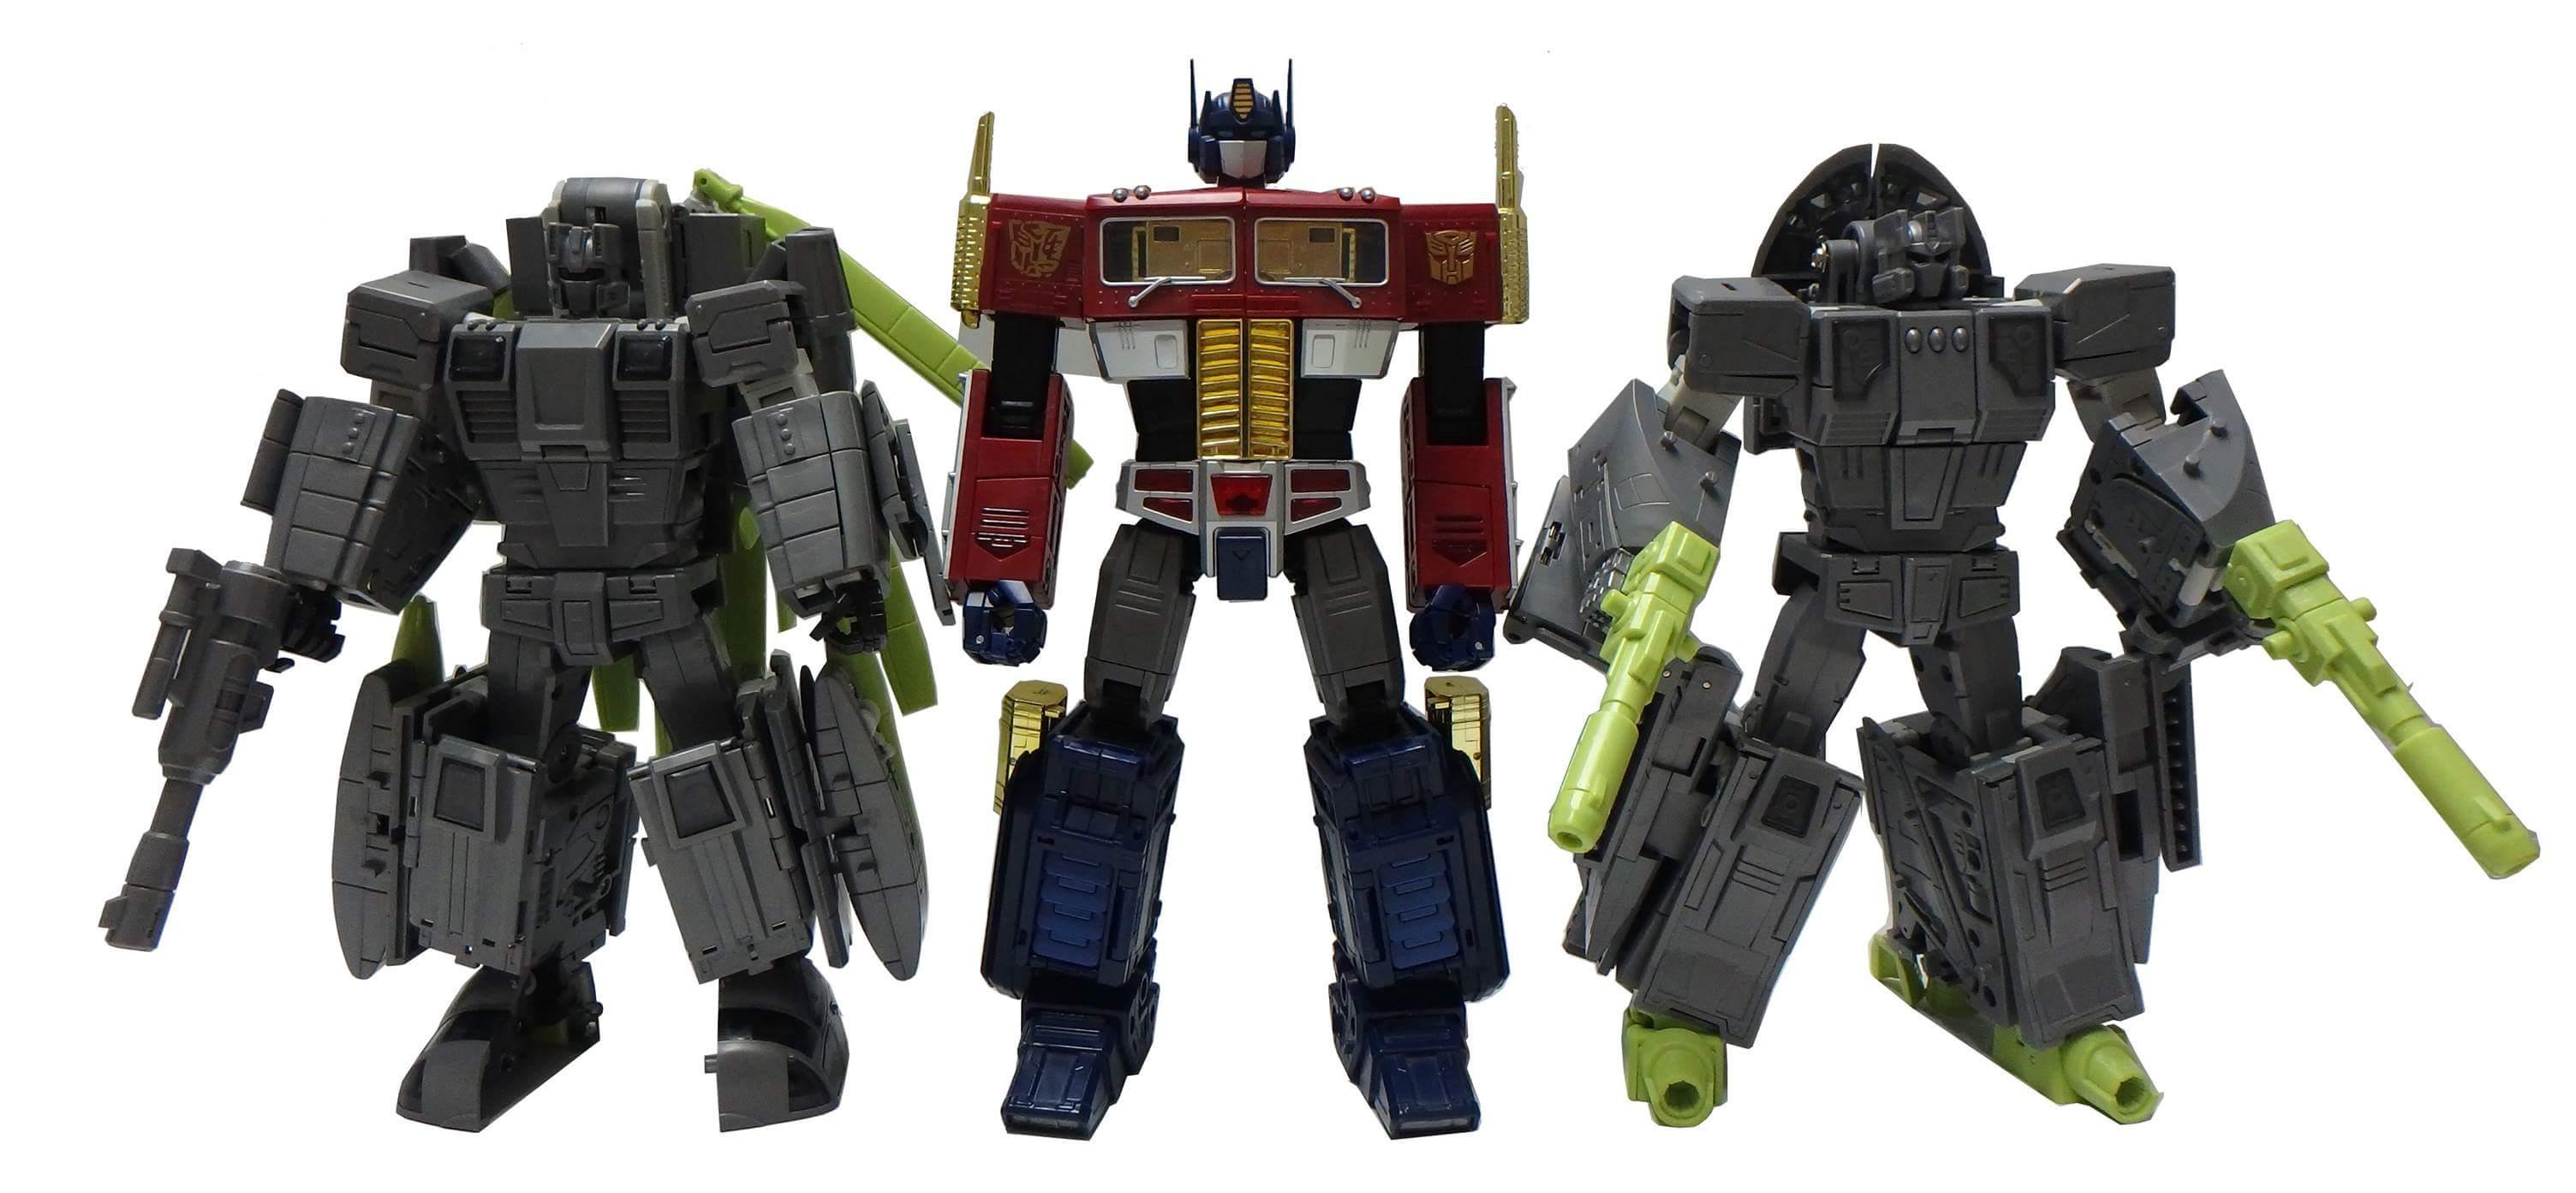 [Zeta Toys] Produit Tiers - Armageddon (ZA-01 à ZA-05) - ZA-06 Bruticon - ZA-07 Bruticon ― aka Bruticus (Studio OX, couleurs G1, métallique) DNayjJMh